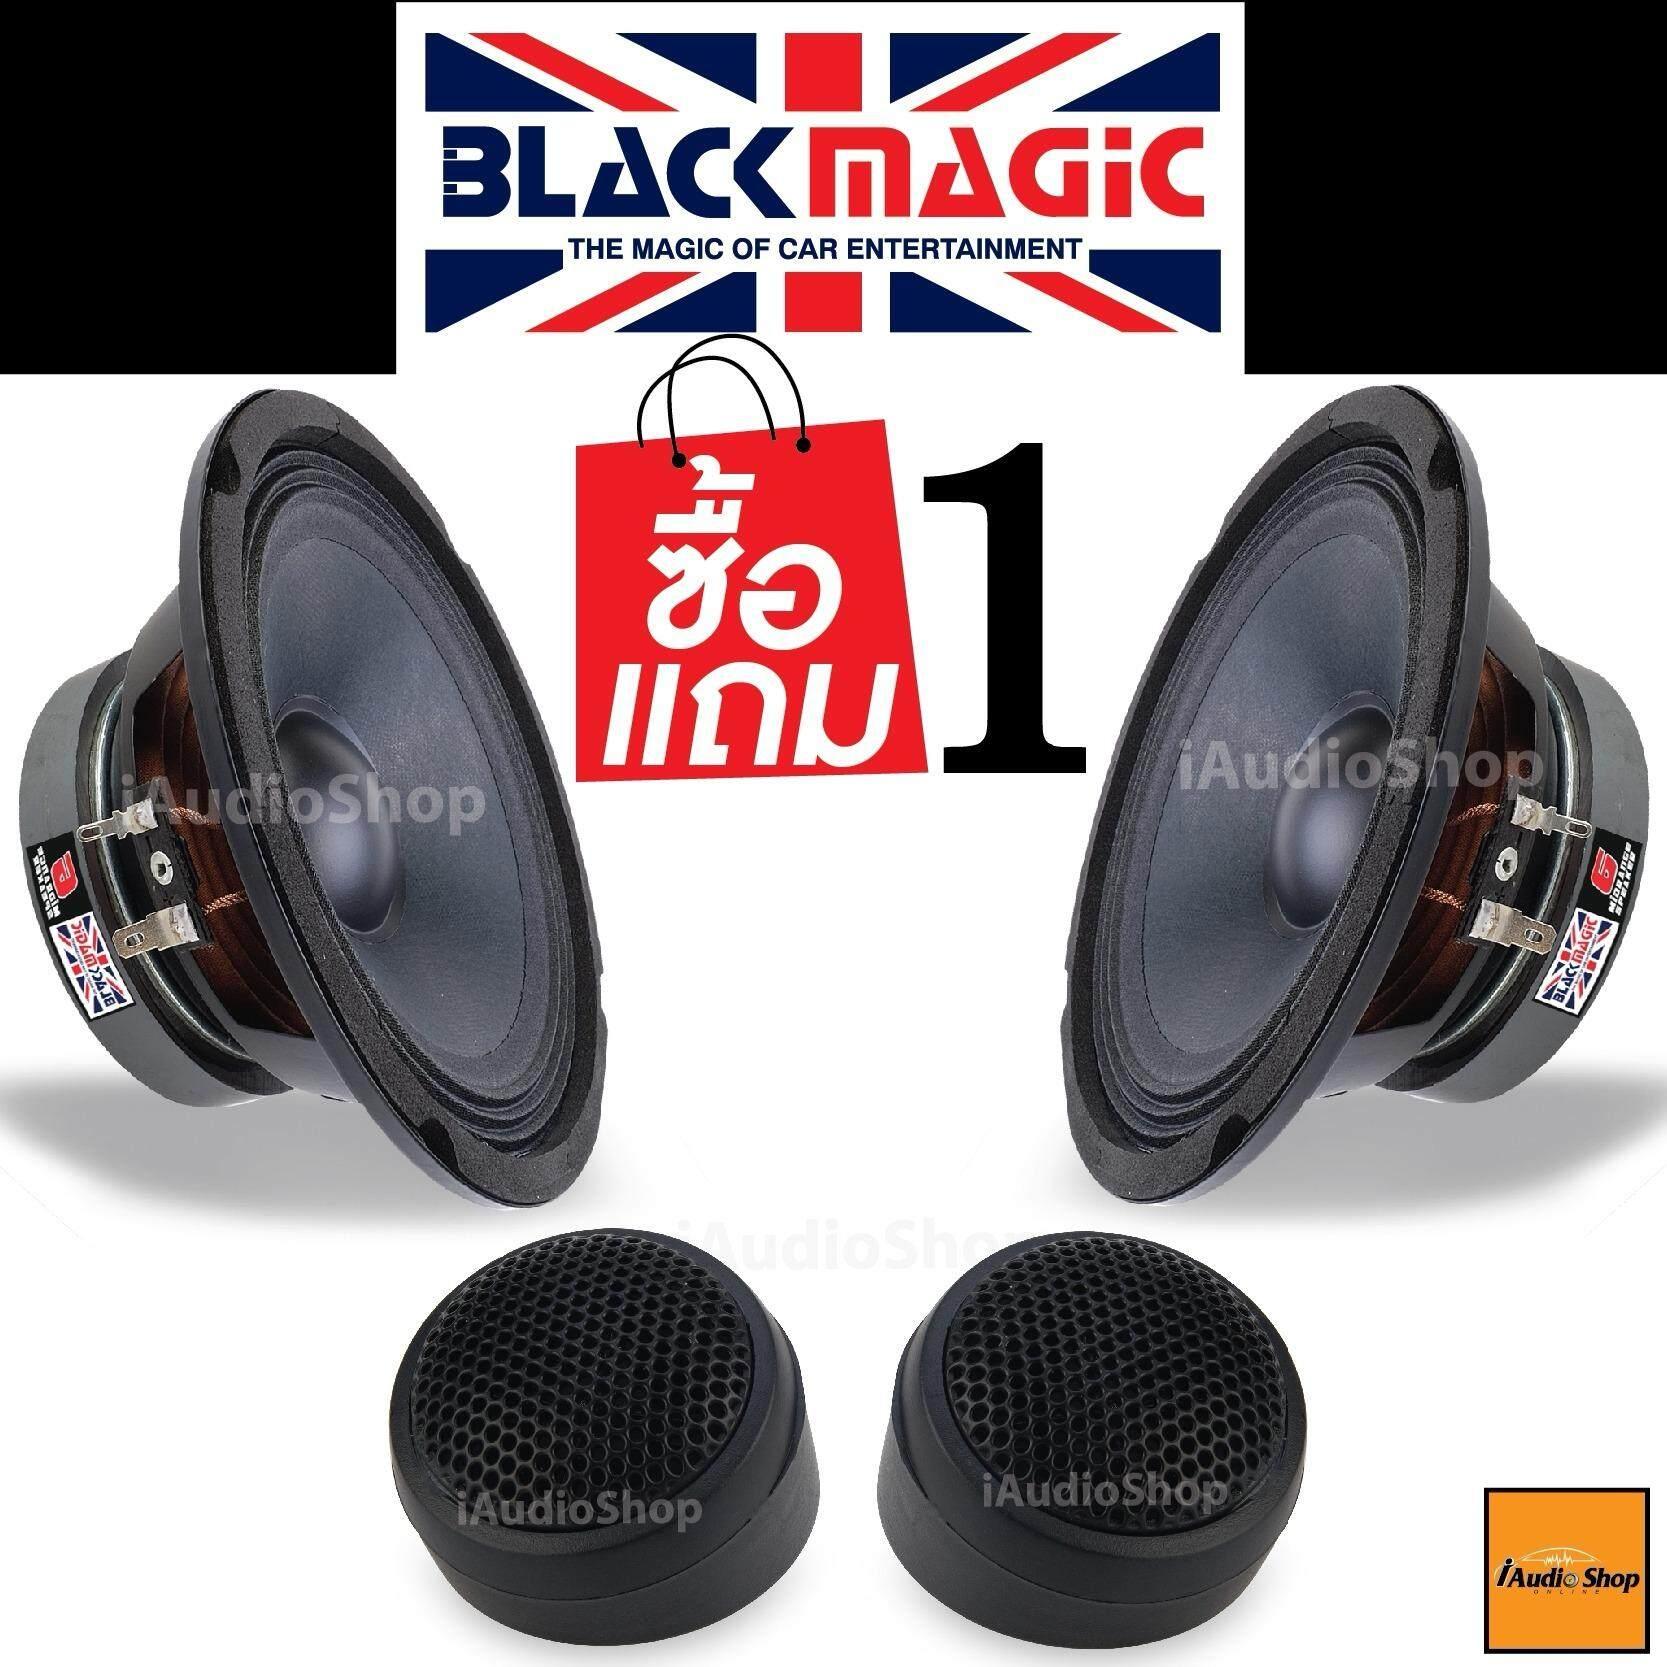 ส่วนลด Black Magic ซื้อ1แถม1 ลำโพง ลำโพงเสียงกลาง ขนาด6 5 Bmg 6 จำนวน 1คู่ แถมฟรี ลำโพงทวิตเตอร์ กรุงเทพมหานคร